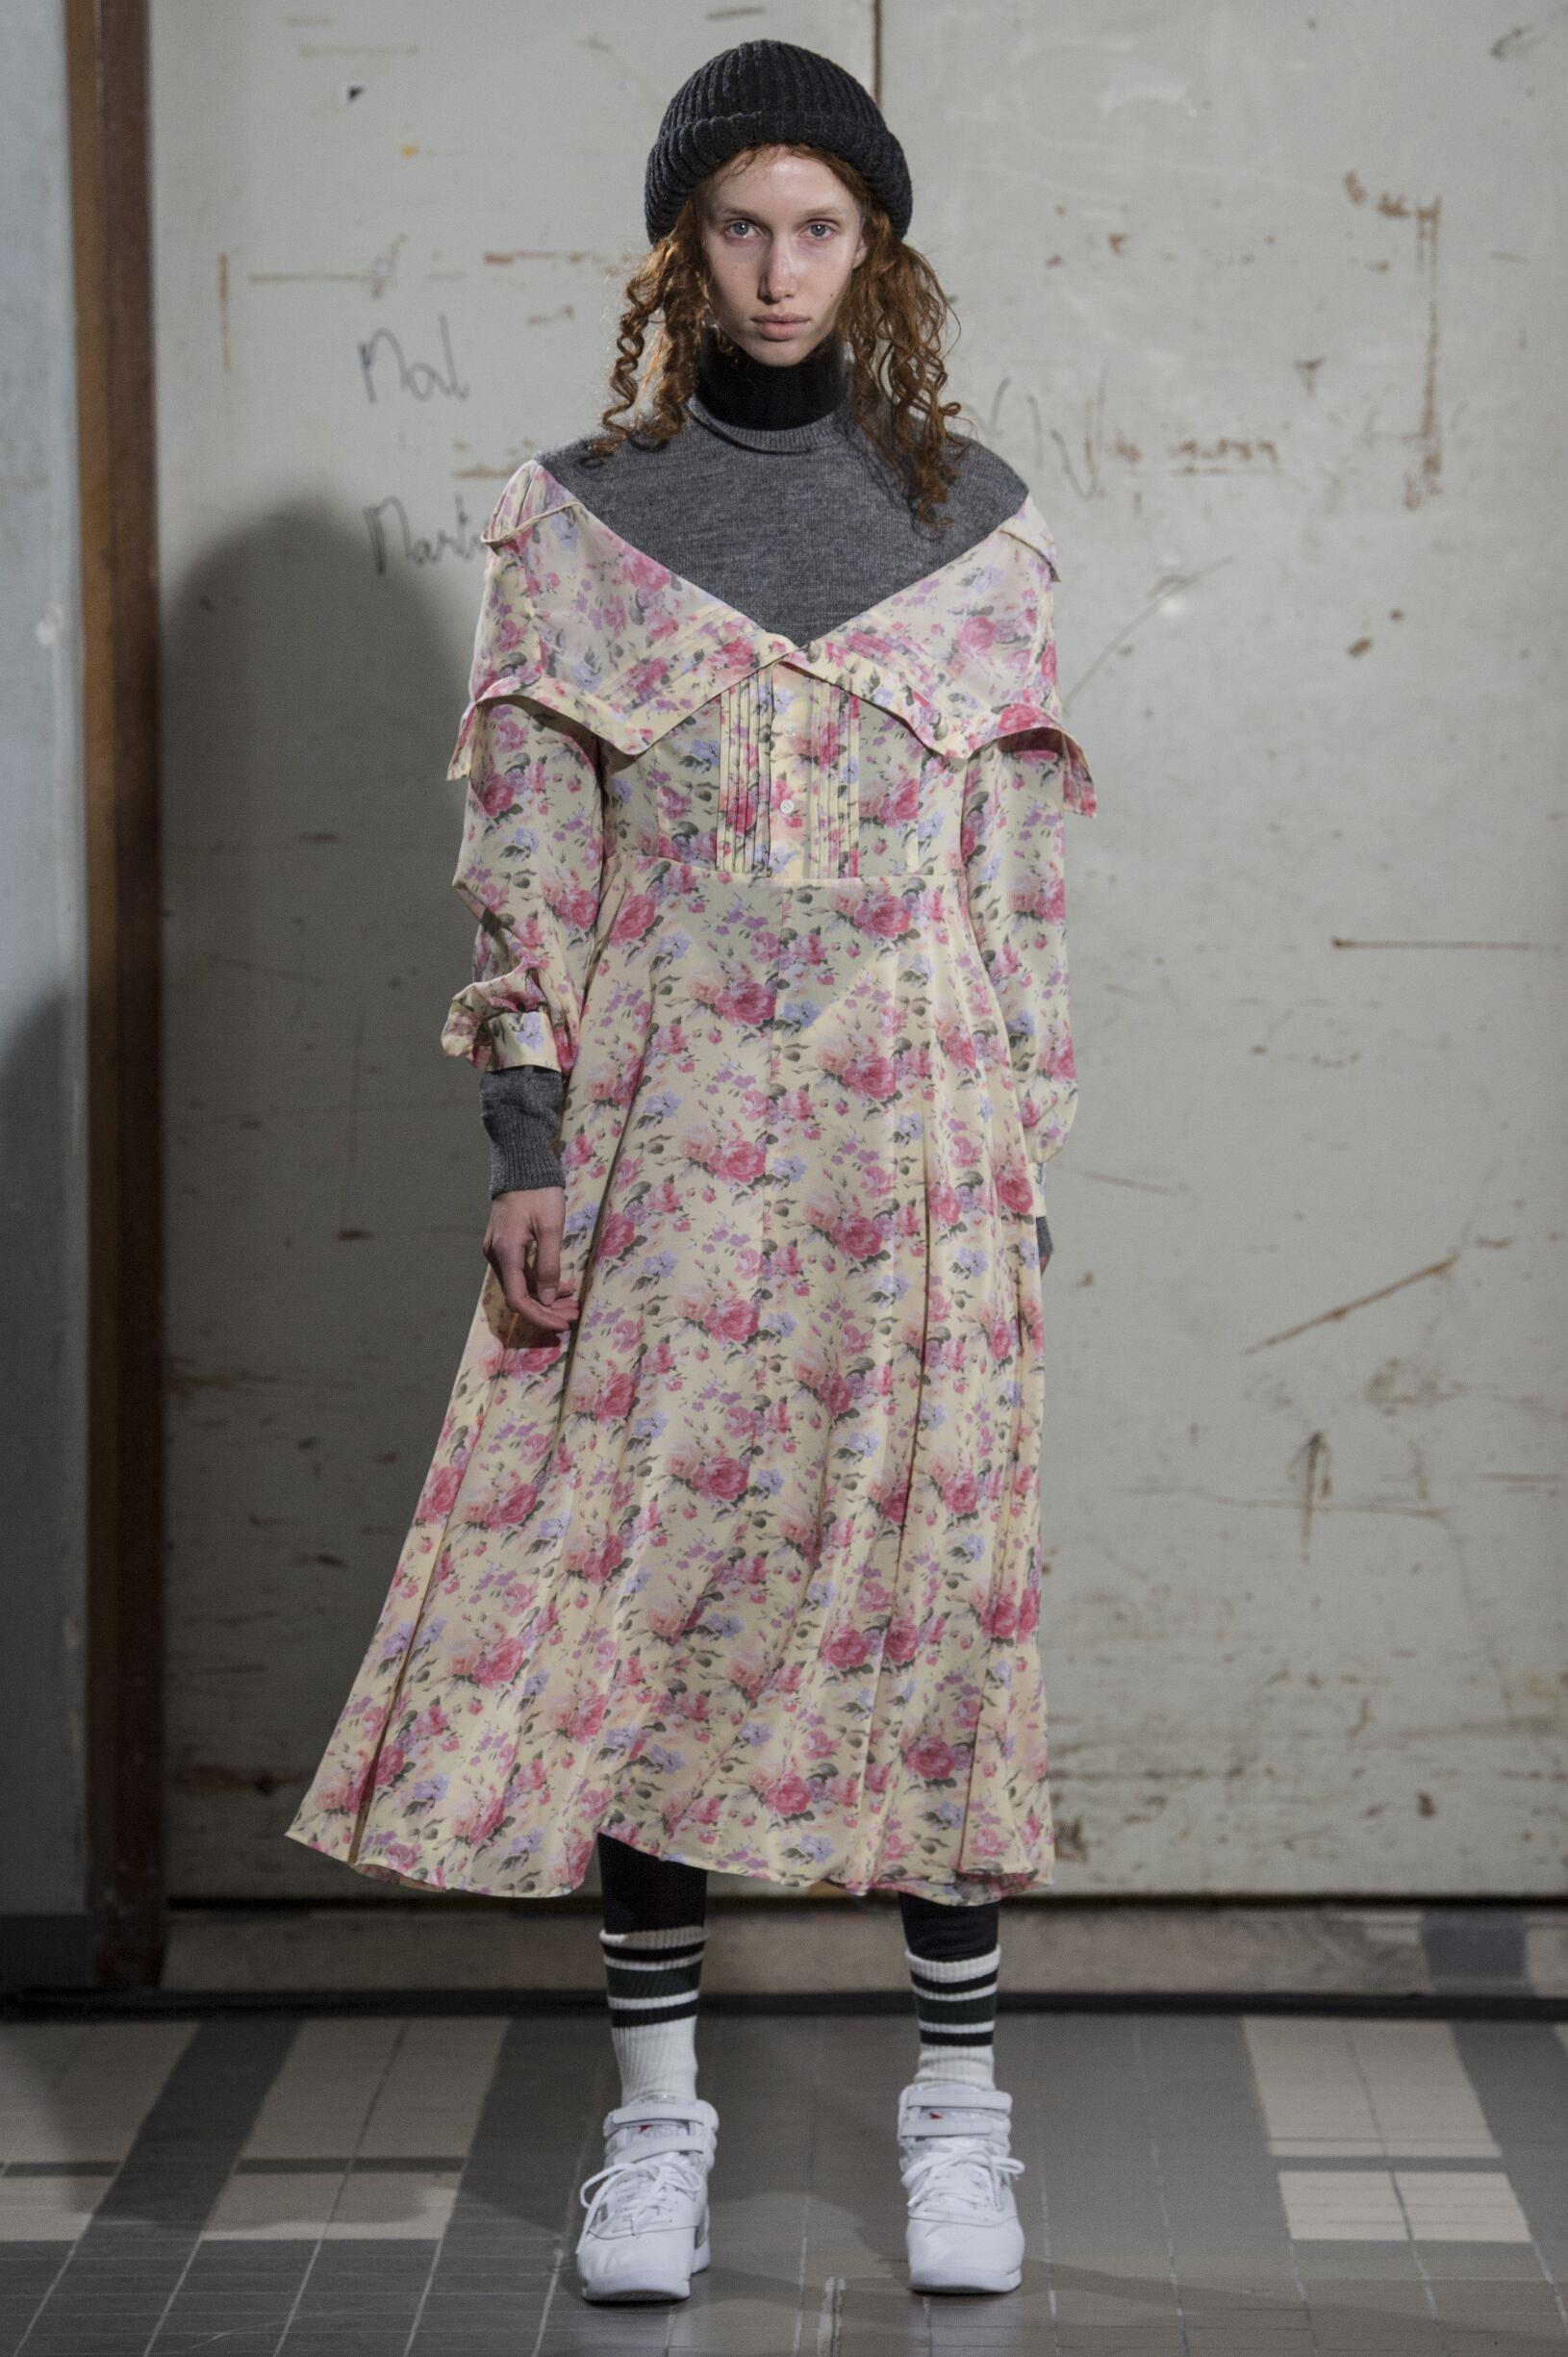 Model Catwalk Junya Watanabe